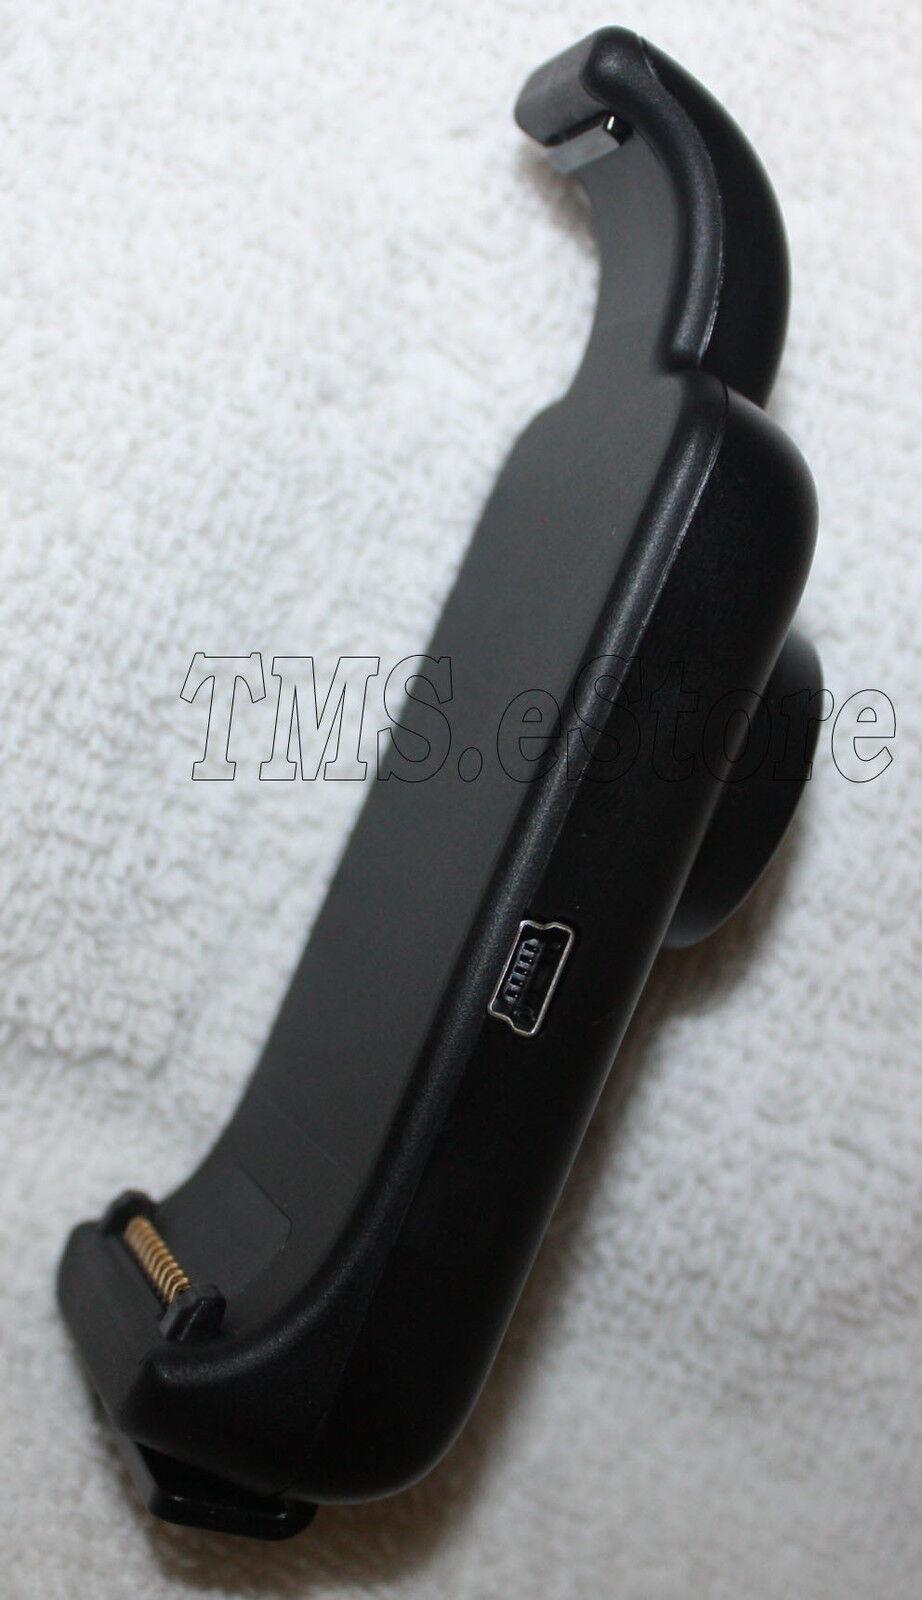 Garmin Nuvi 3550lm 3590lmt 3540lm Gps Powered Cradle/brac...